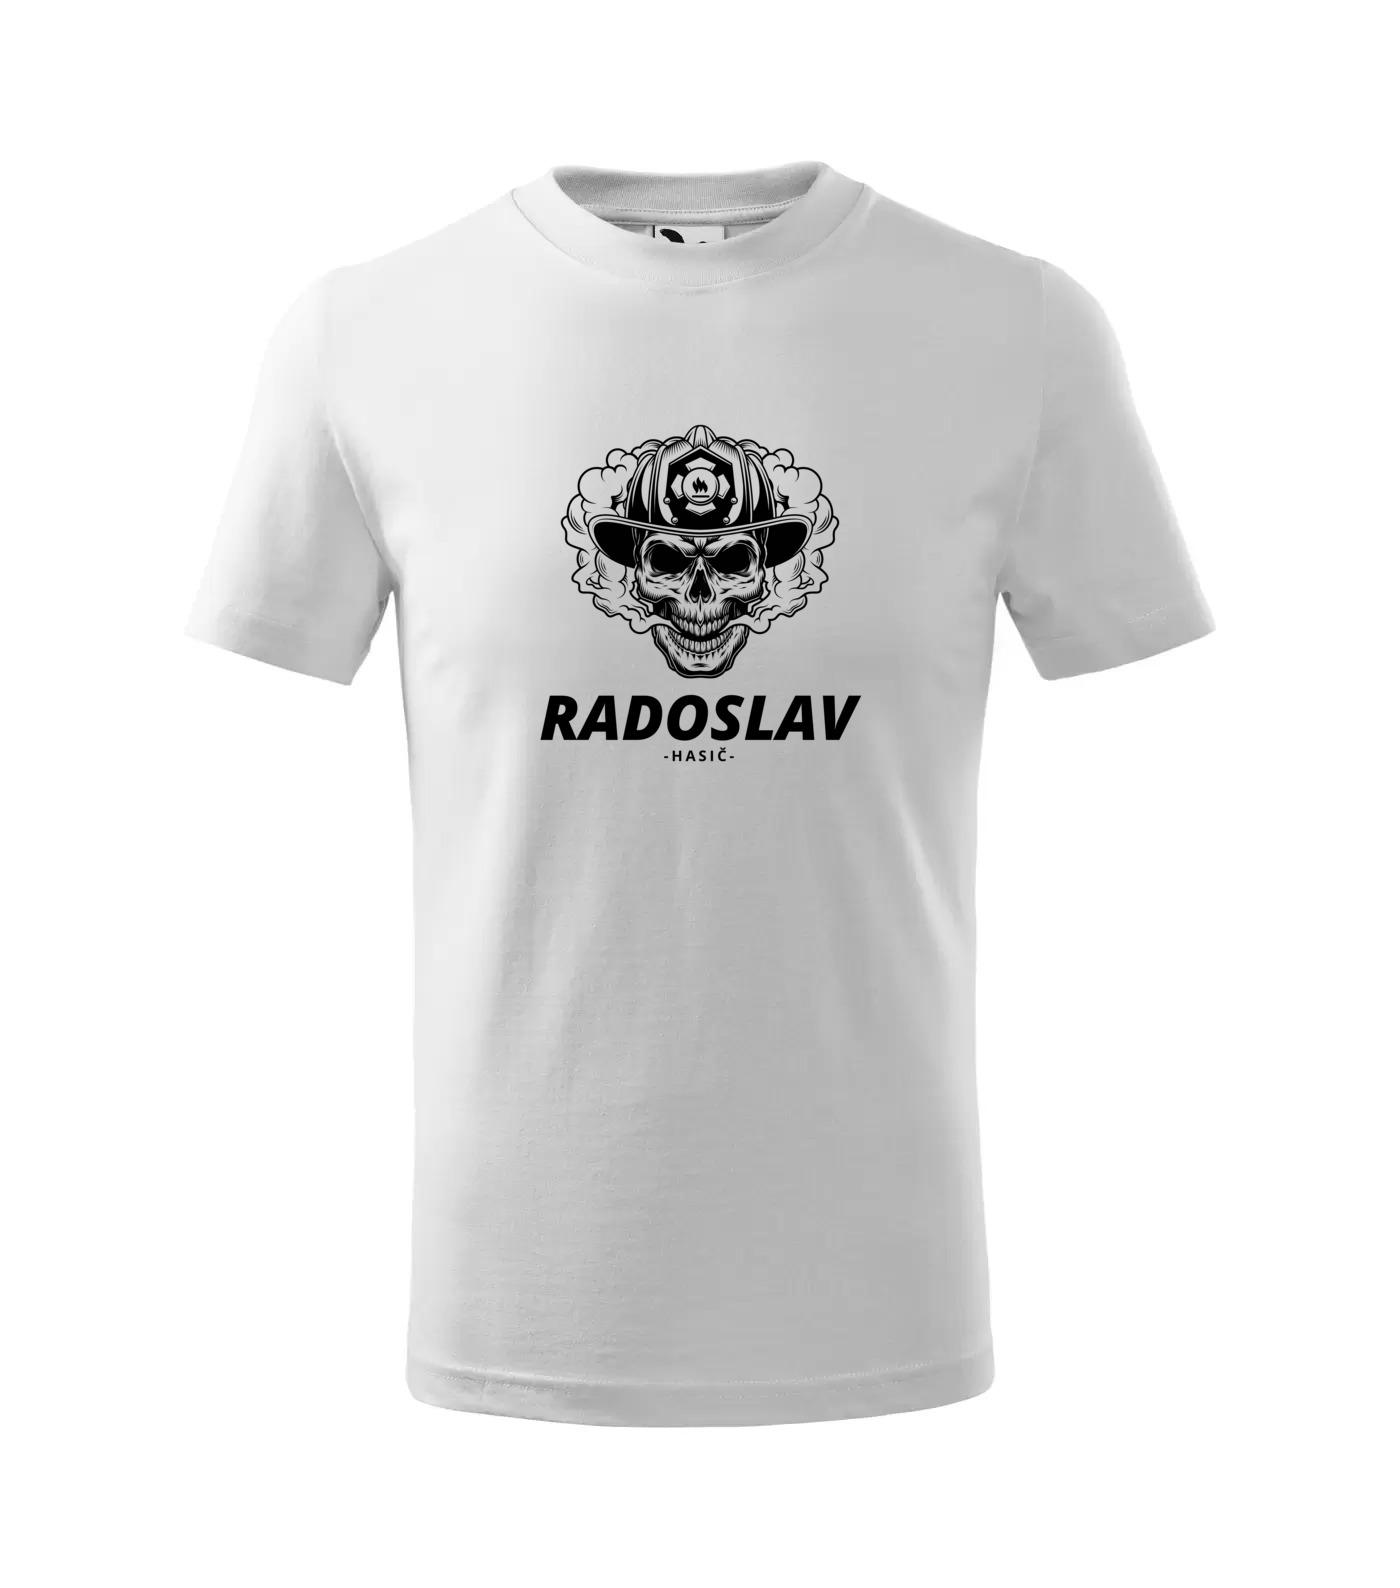 Tričko Hasič Radoslav